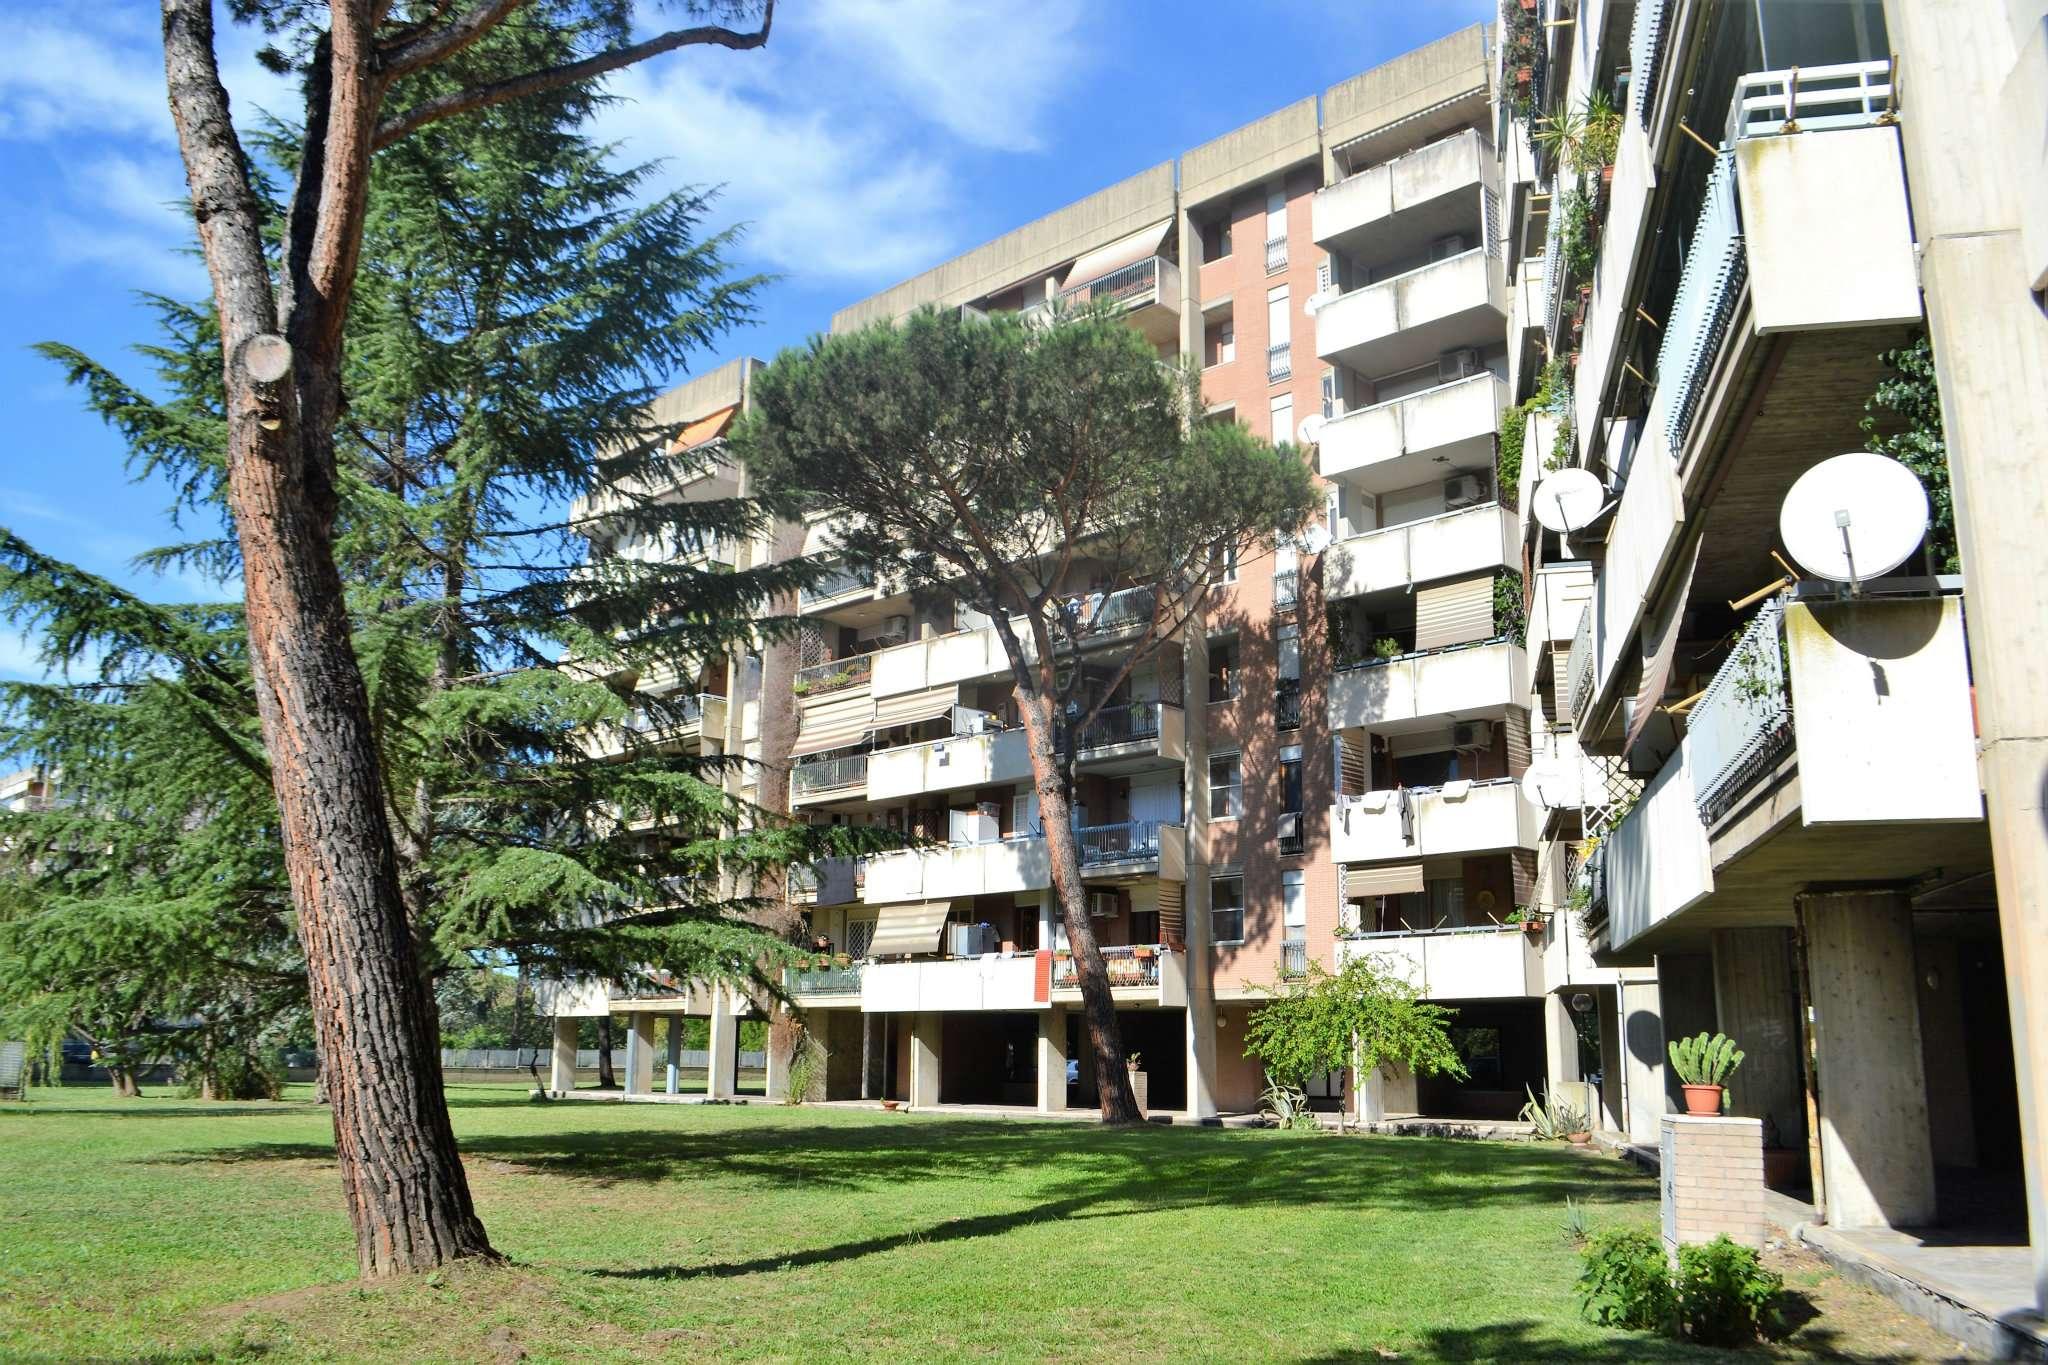 Appartamento in vendita a Roma, 2 locali, zona Zona: 22 . Eur - Torrino - Spinaceto, prezzo € 209.000 | CambioCasa.it